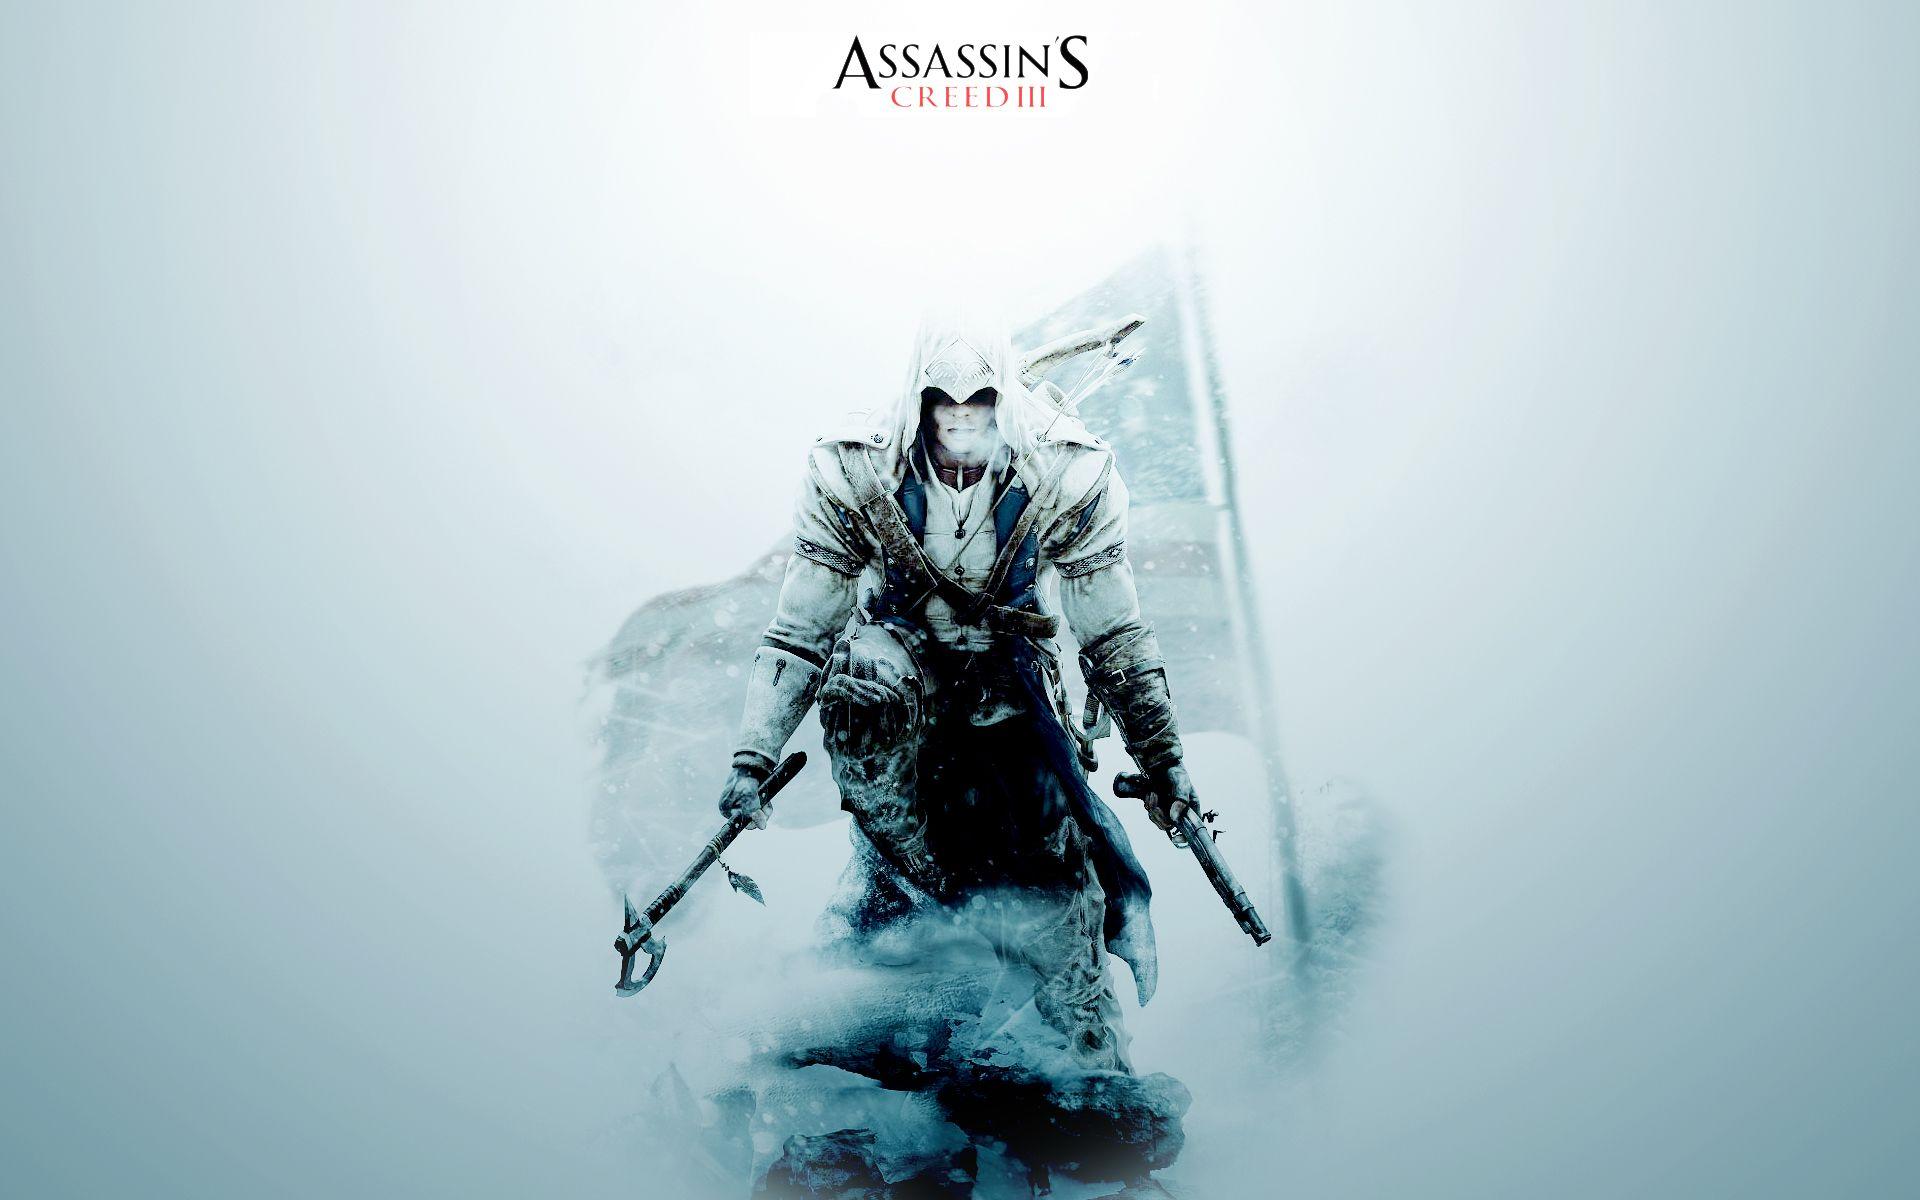 Assassins creed hd desktop wallpaper widescreen high desktop assassins creed hd desktop wallpaper widescreen high voltagebd Gallery